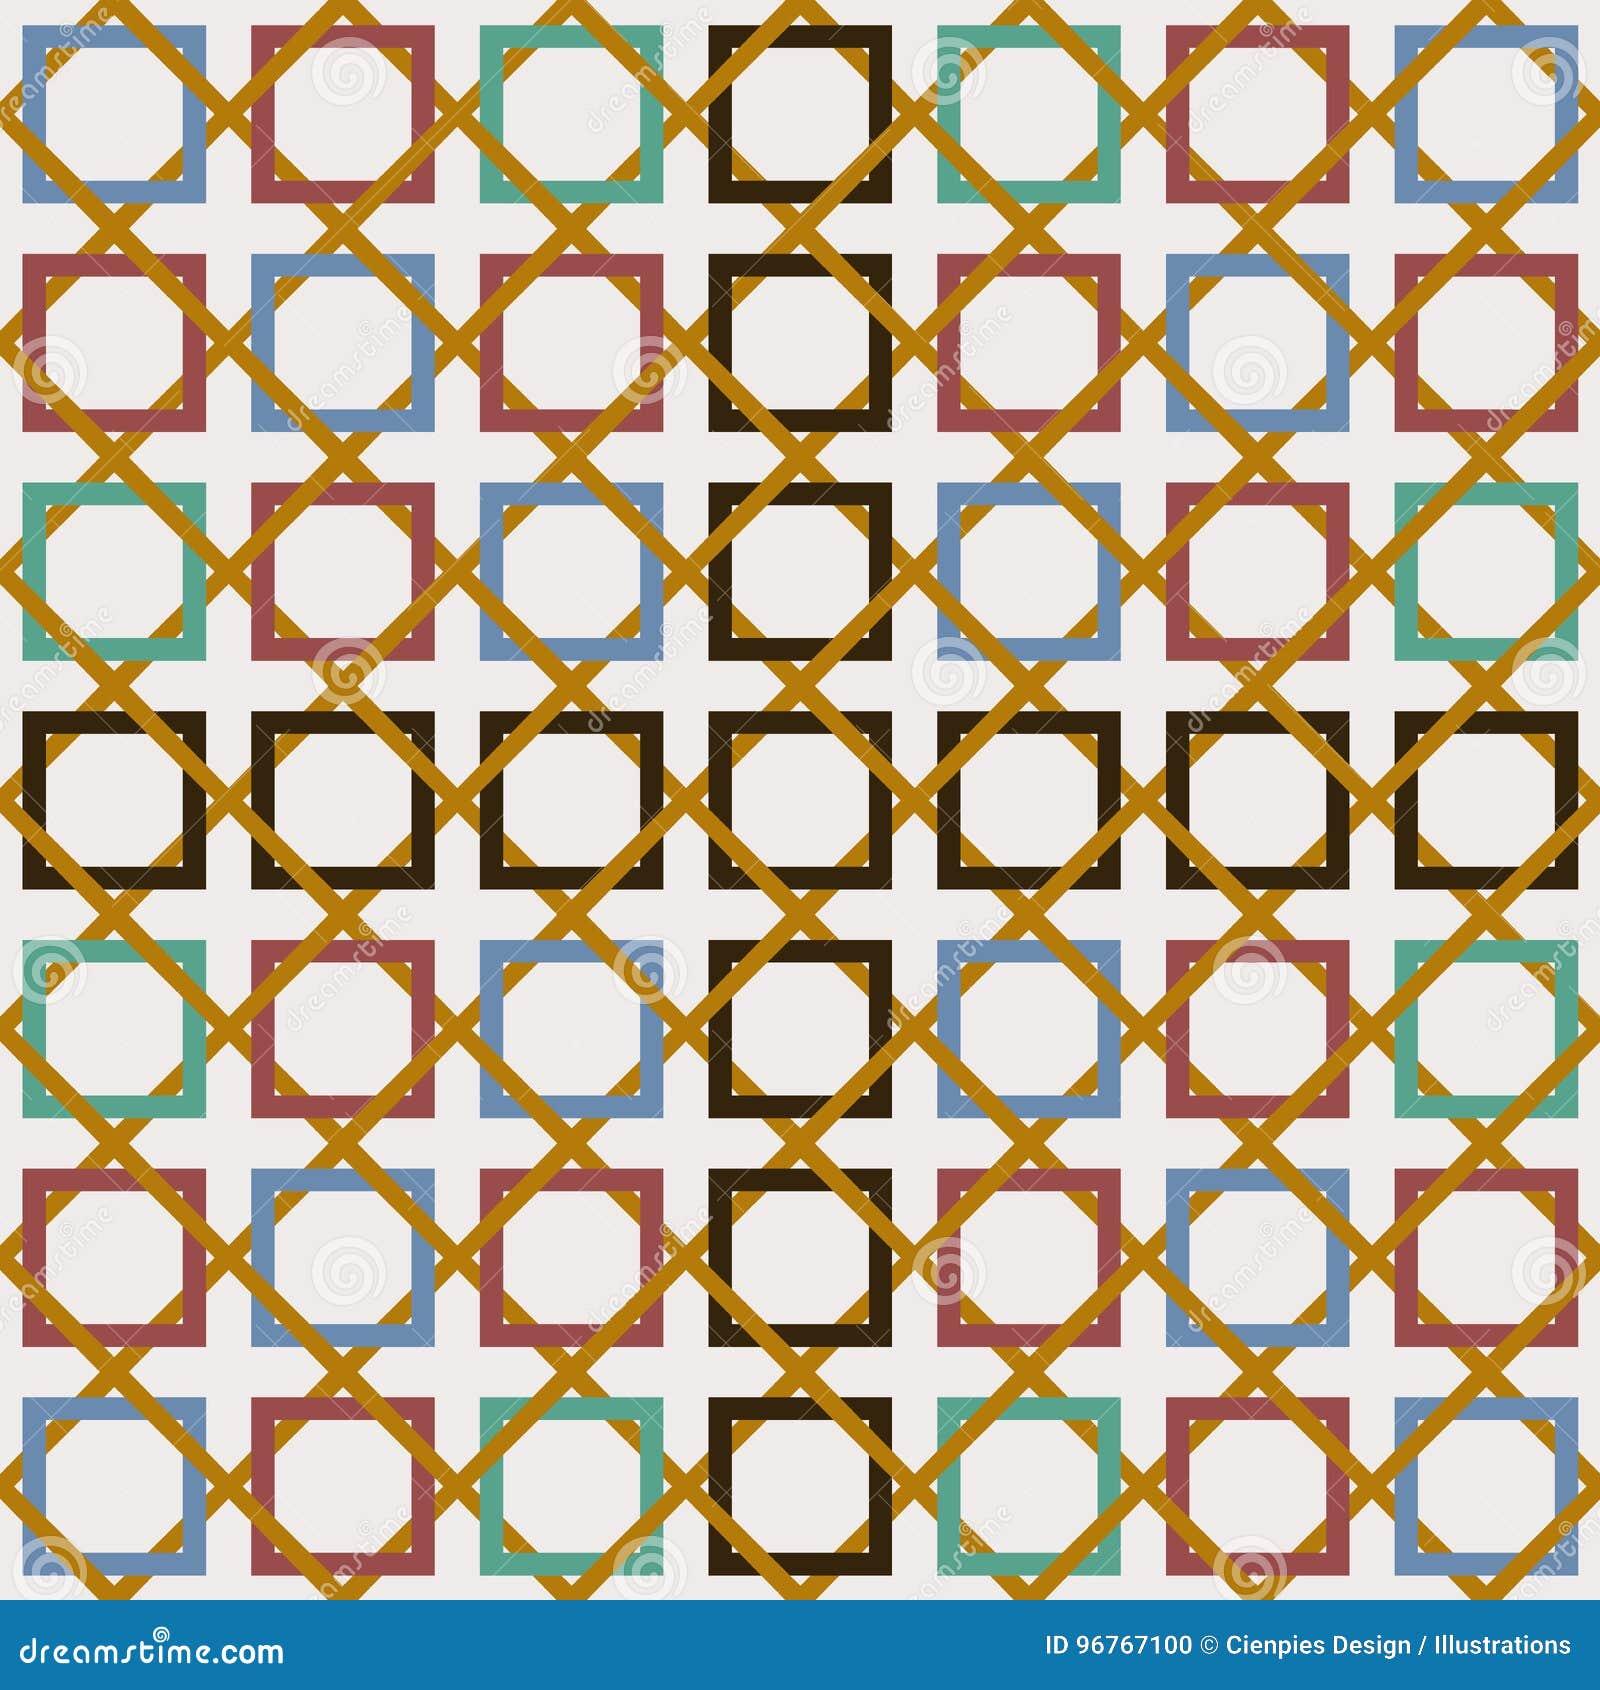 arabic tile seamless pattern decoration mosaic art stock vectorarabic tile seamless pattern decoration mosaic art